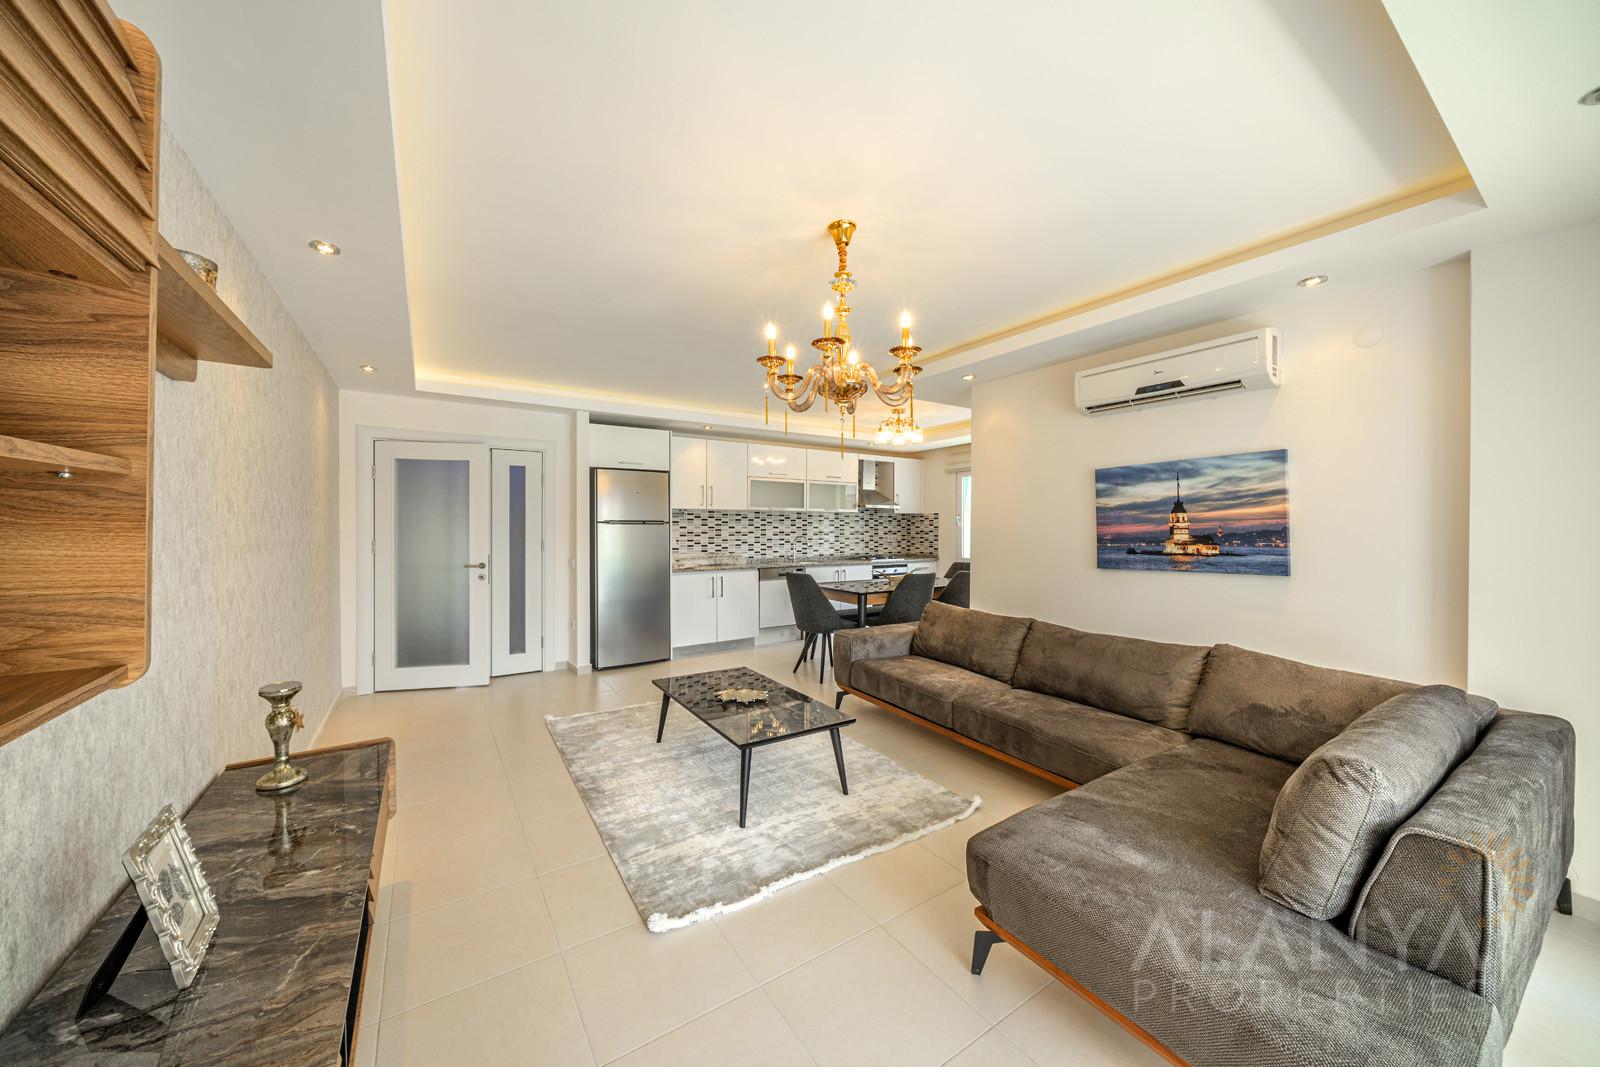 Emerald Park - volledig gemeubileerd appartement 2 slaapkamers in Avsallar, Alanya